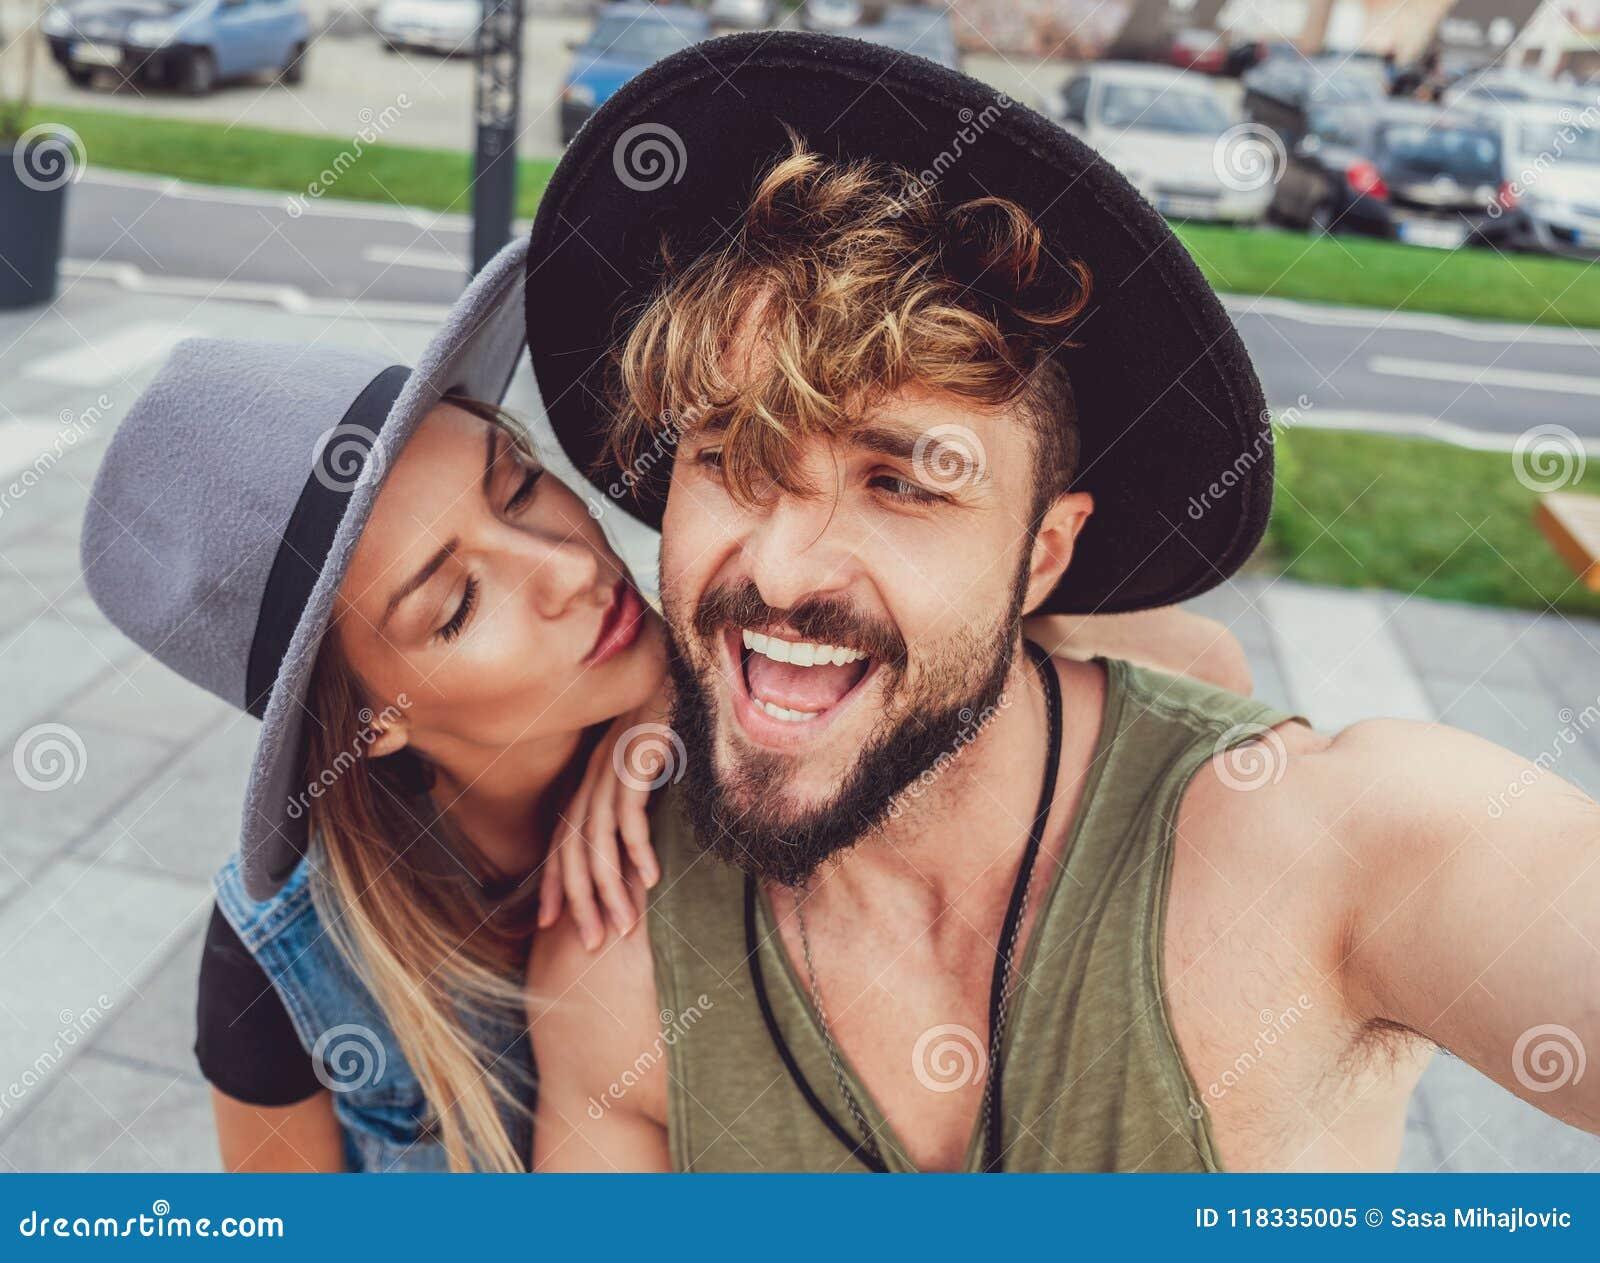 Freundin, die Freund küsst, während er selfie nimmt